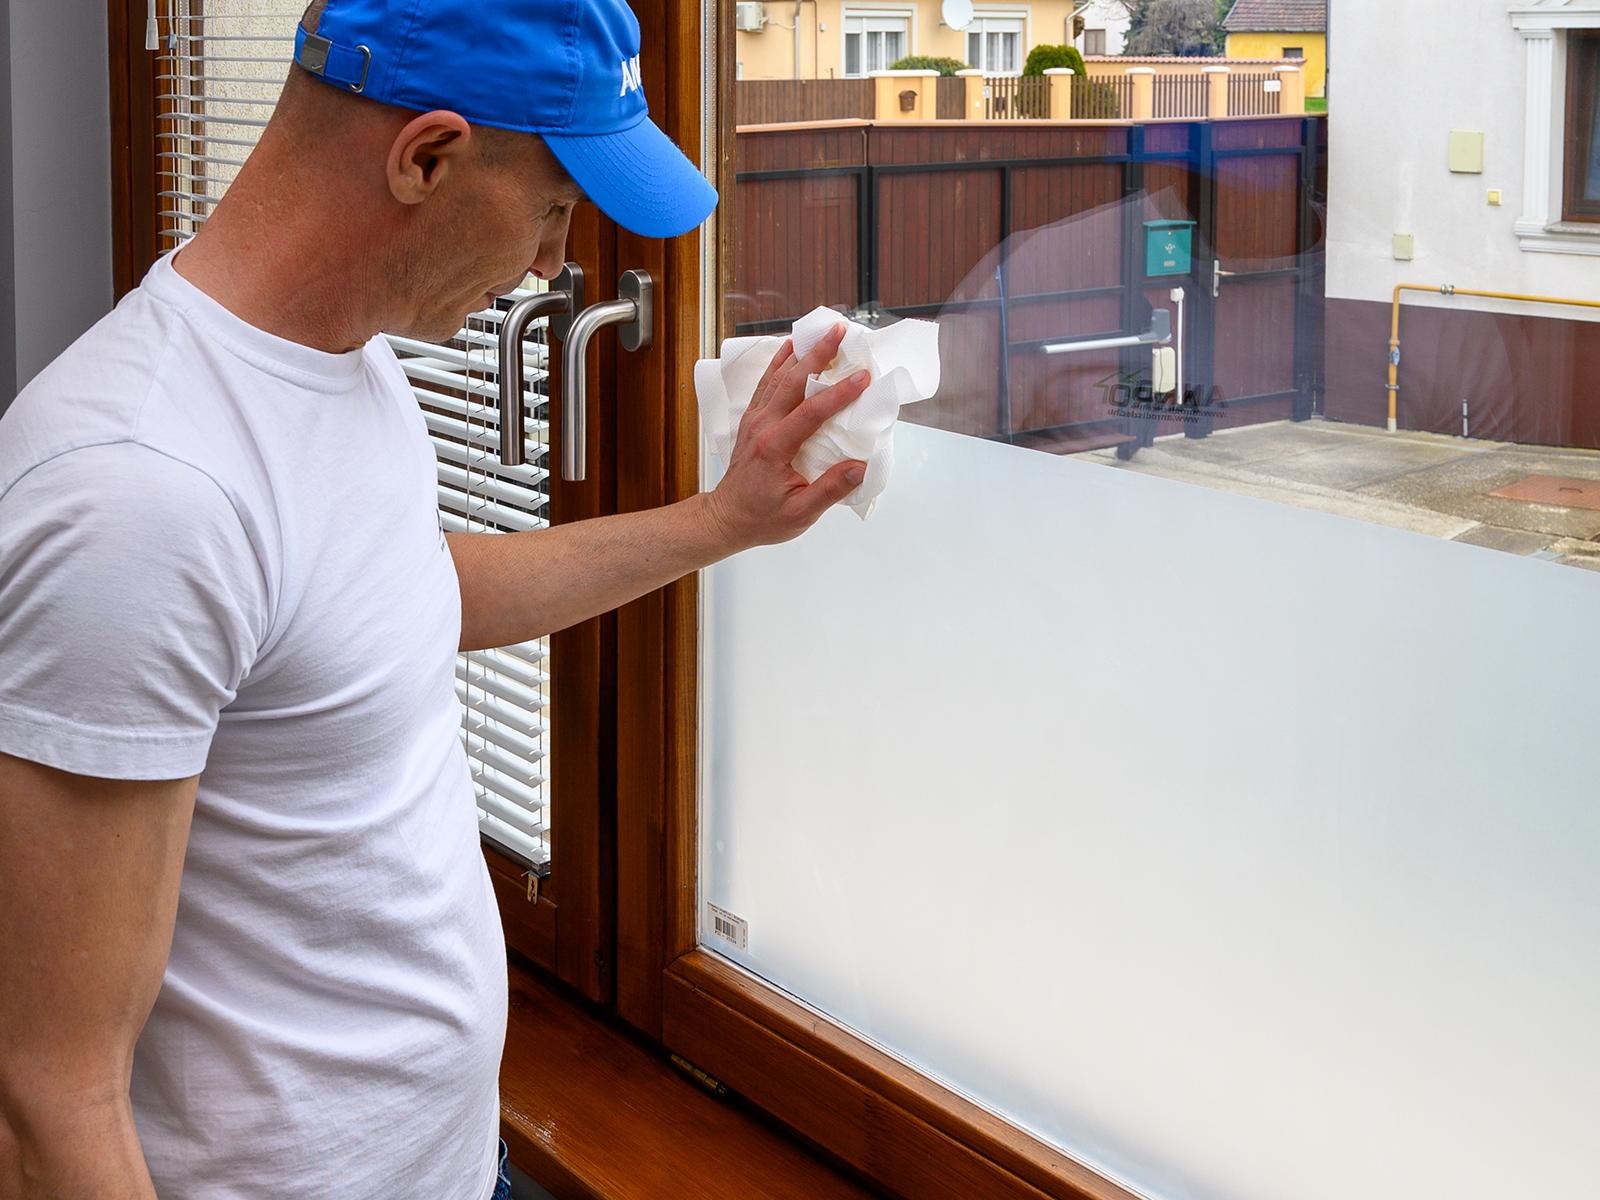 Utólagosan is egyszerűen felragasztható a homokfúvott hatást adó ablakfólia.